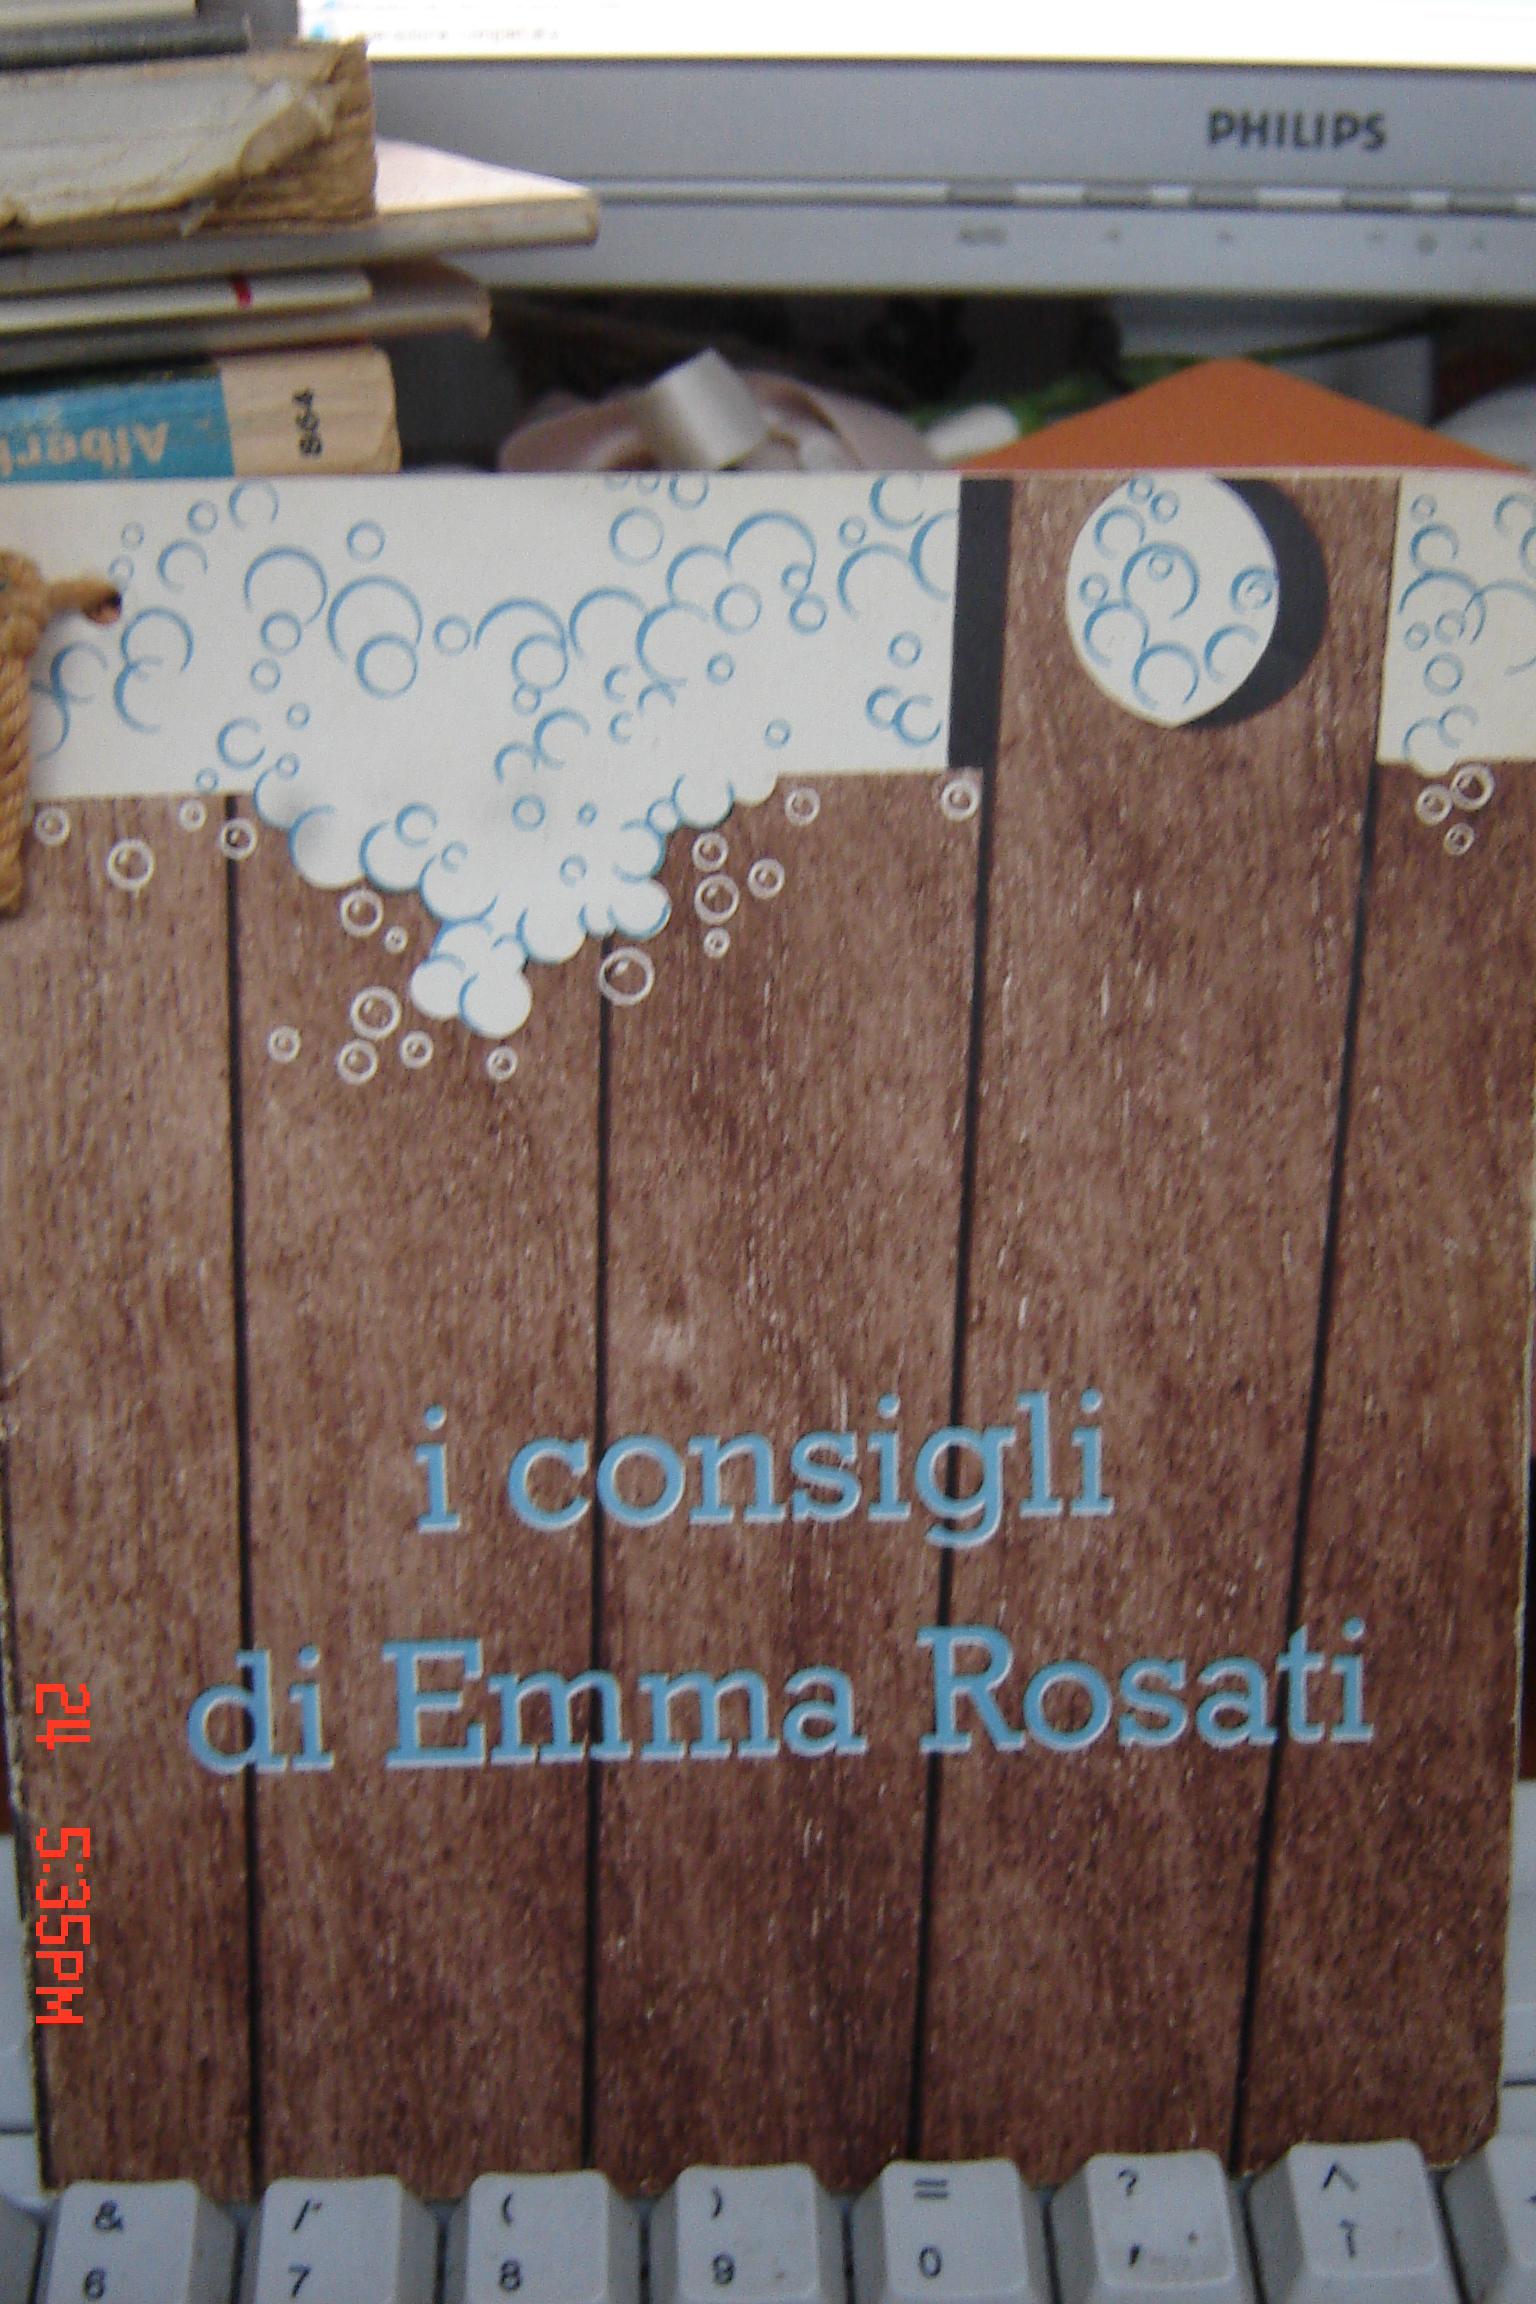 I consigli di Emma Rosati